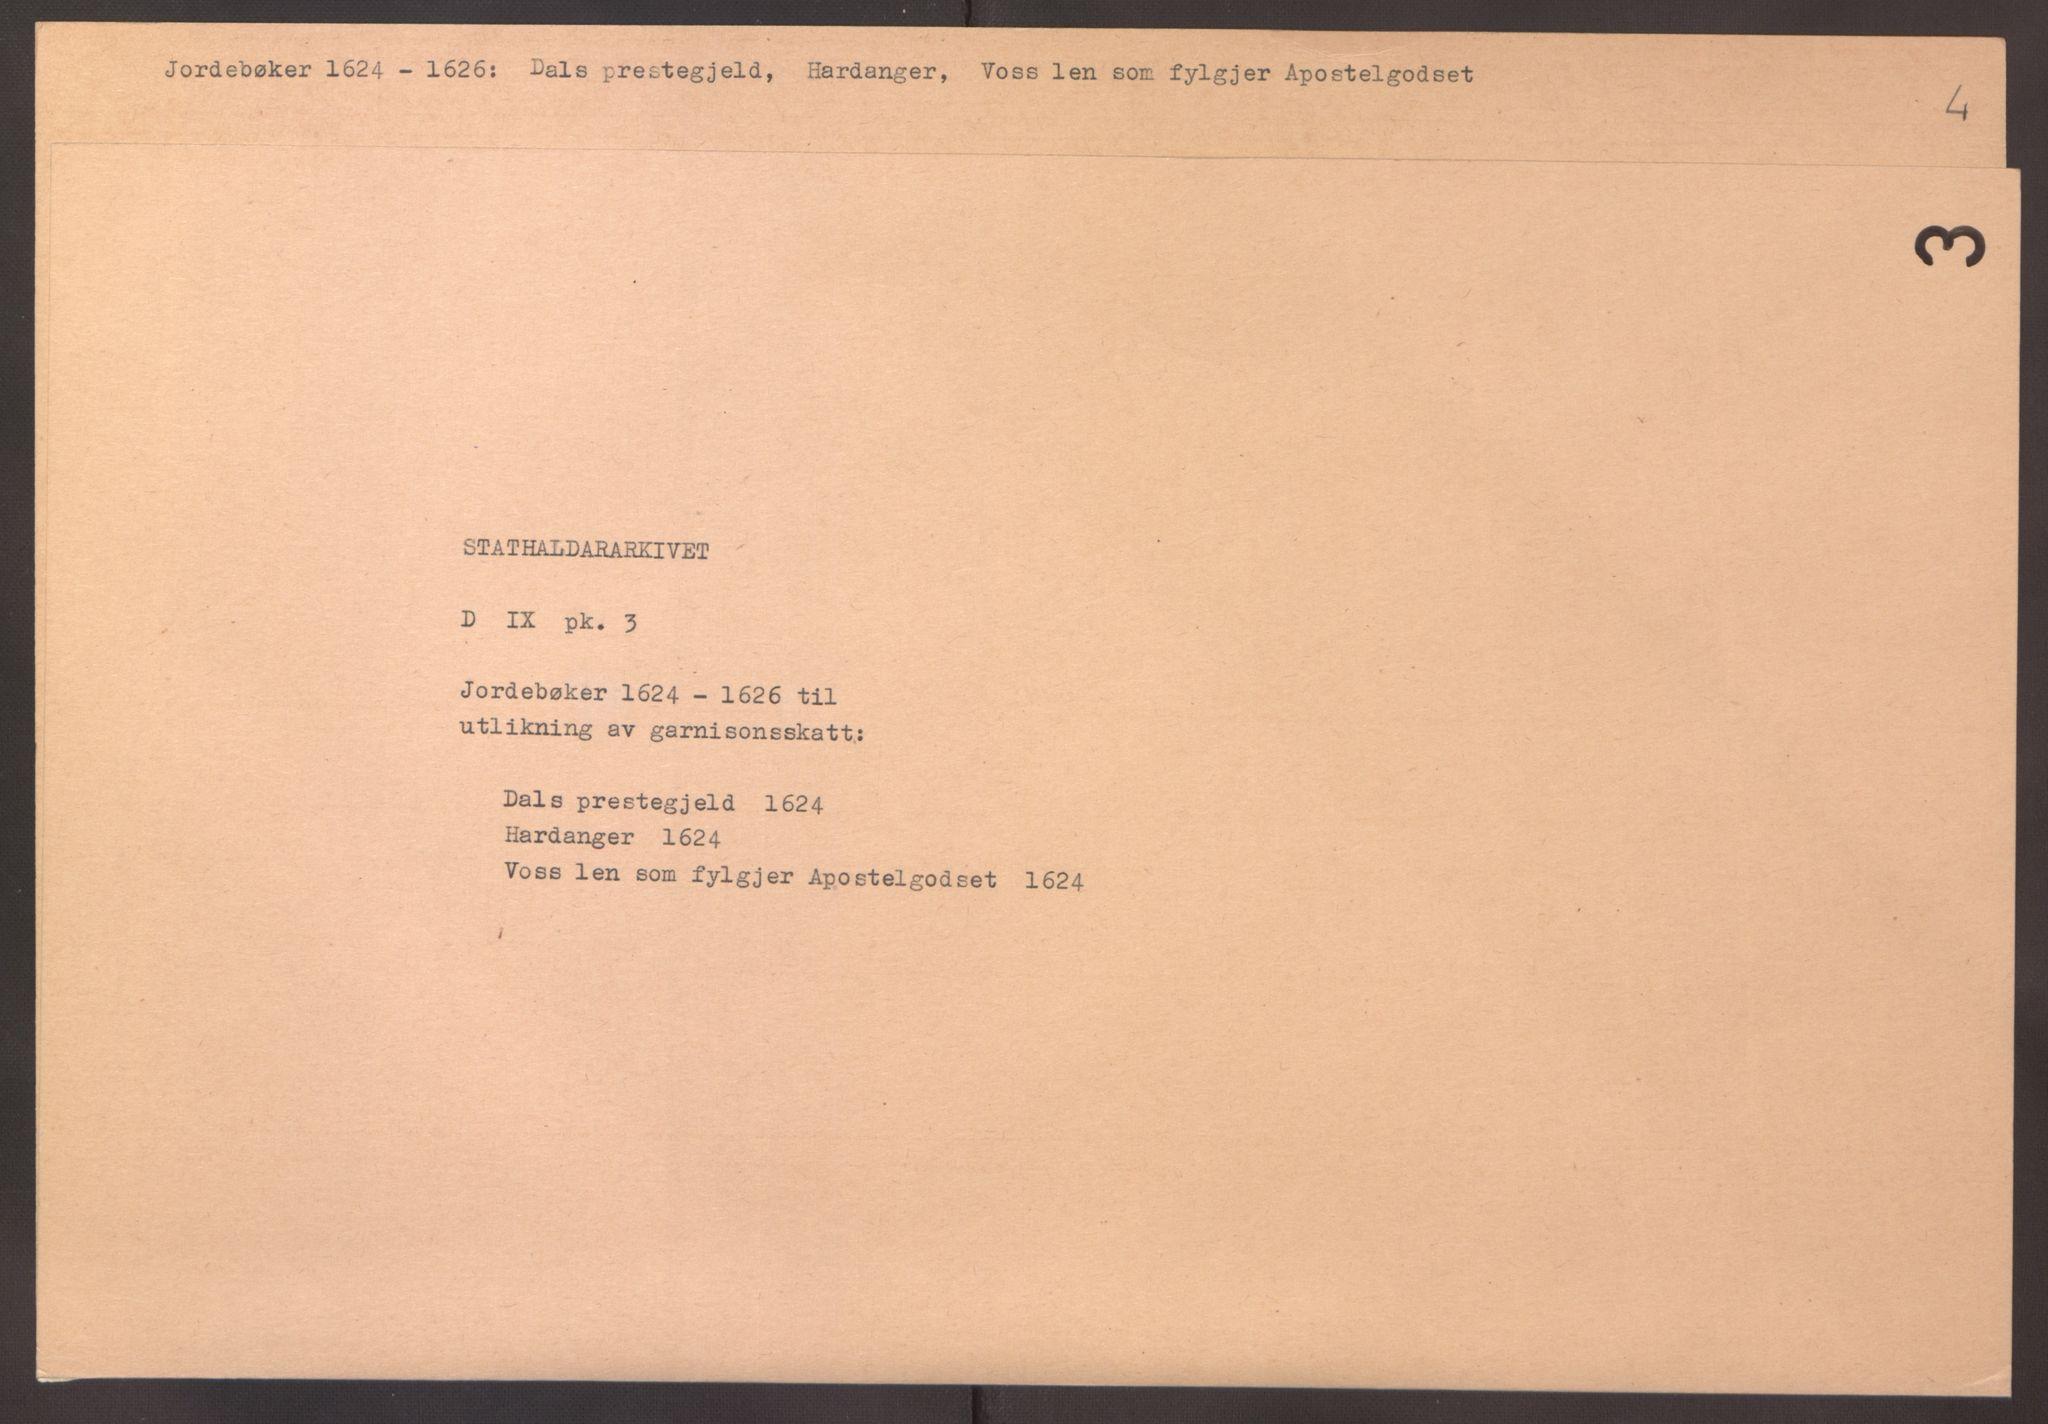 RA, Stattholderembetet 1572-1771, Ek/L0003: Jordebøker til utlikning av garnisonsskatt 1624-1626:, 1624-1625, s. 183